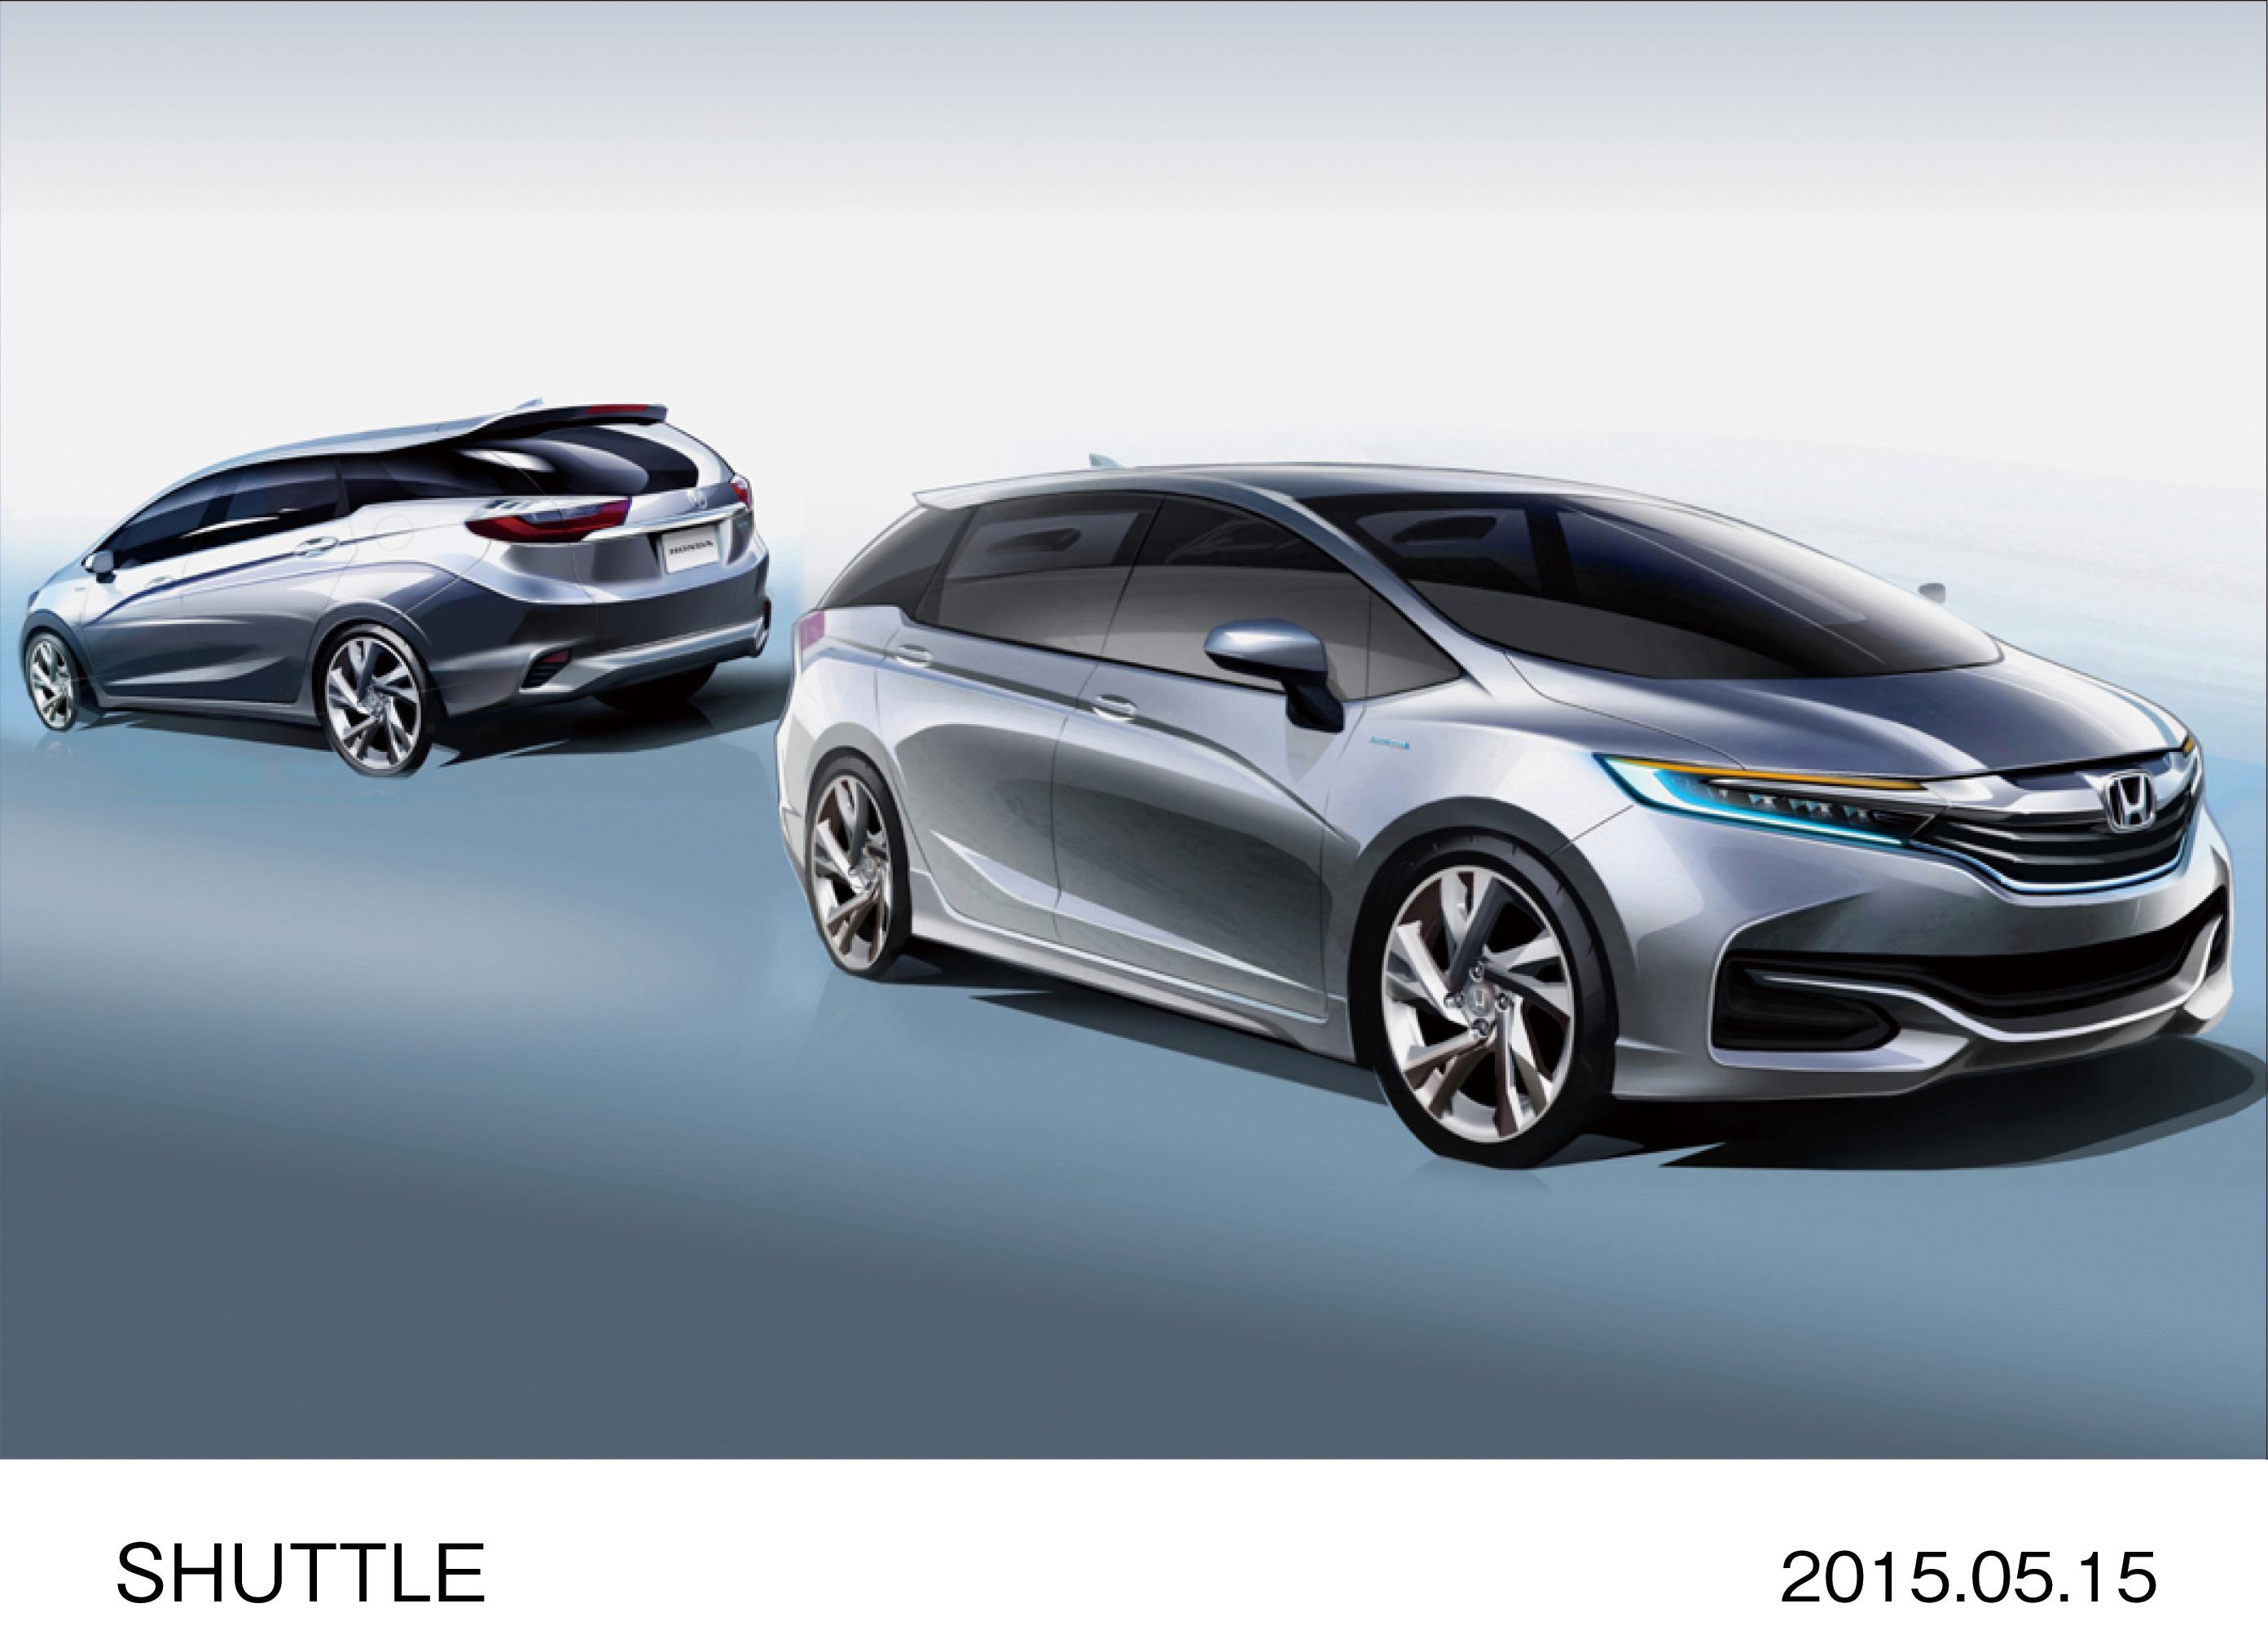 2015 Honda Jazz Shuttle Goes On Sale In Japan Paul Tan